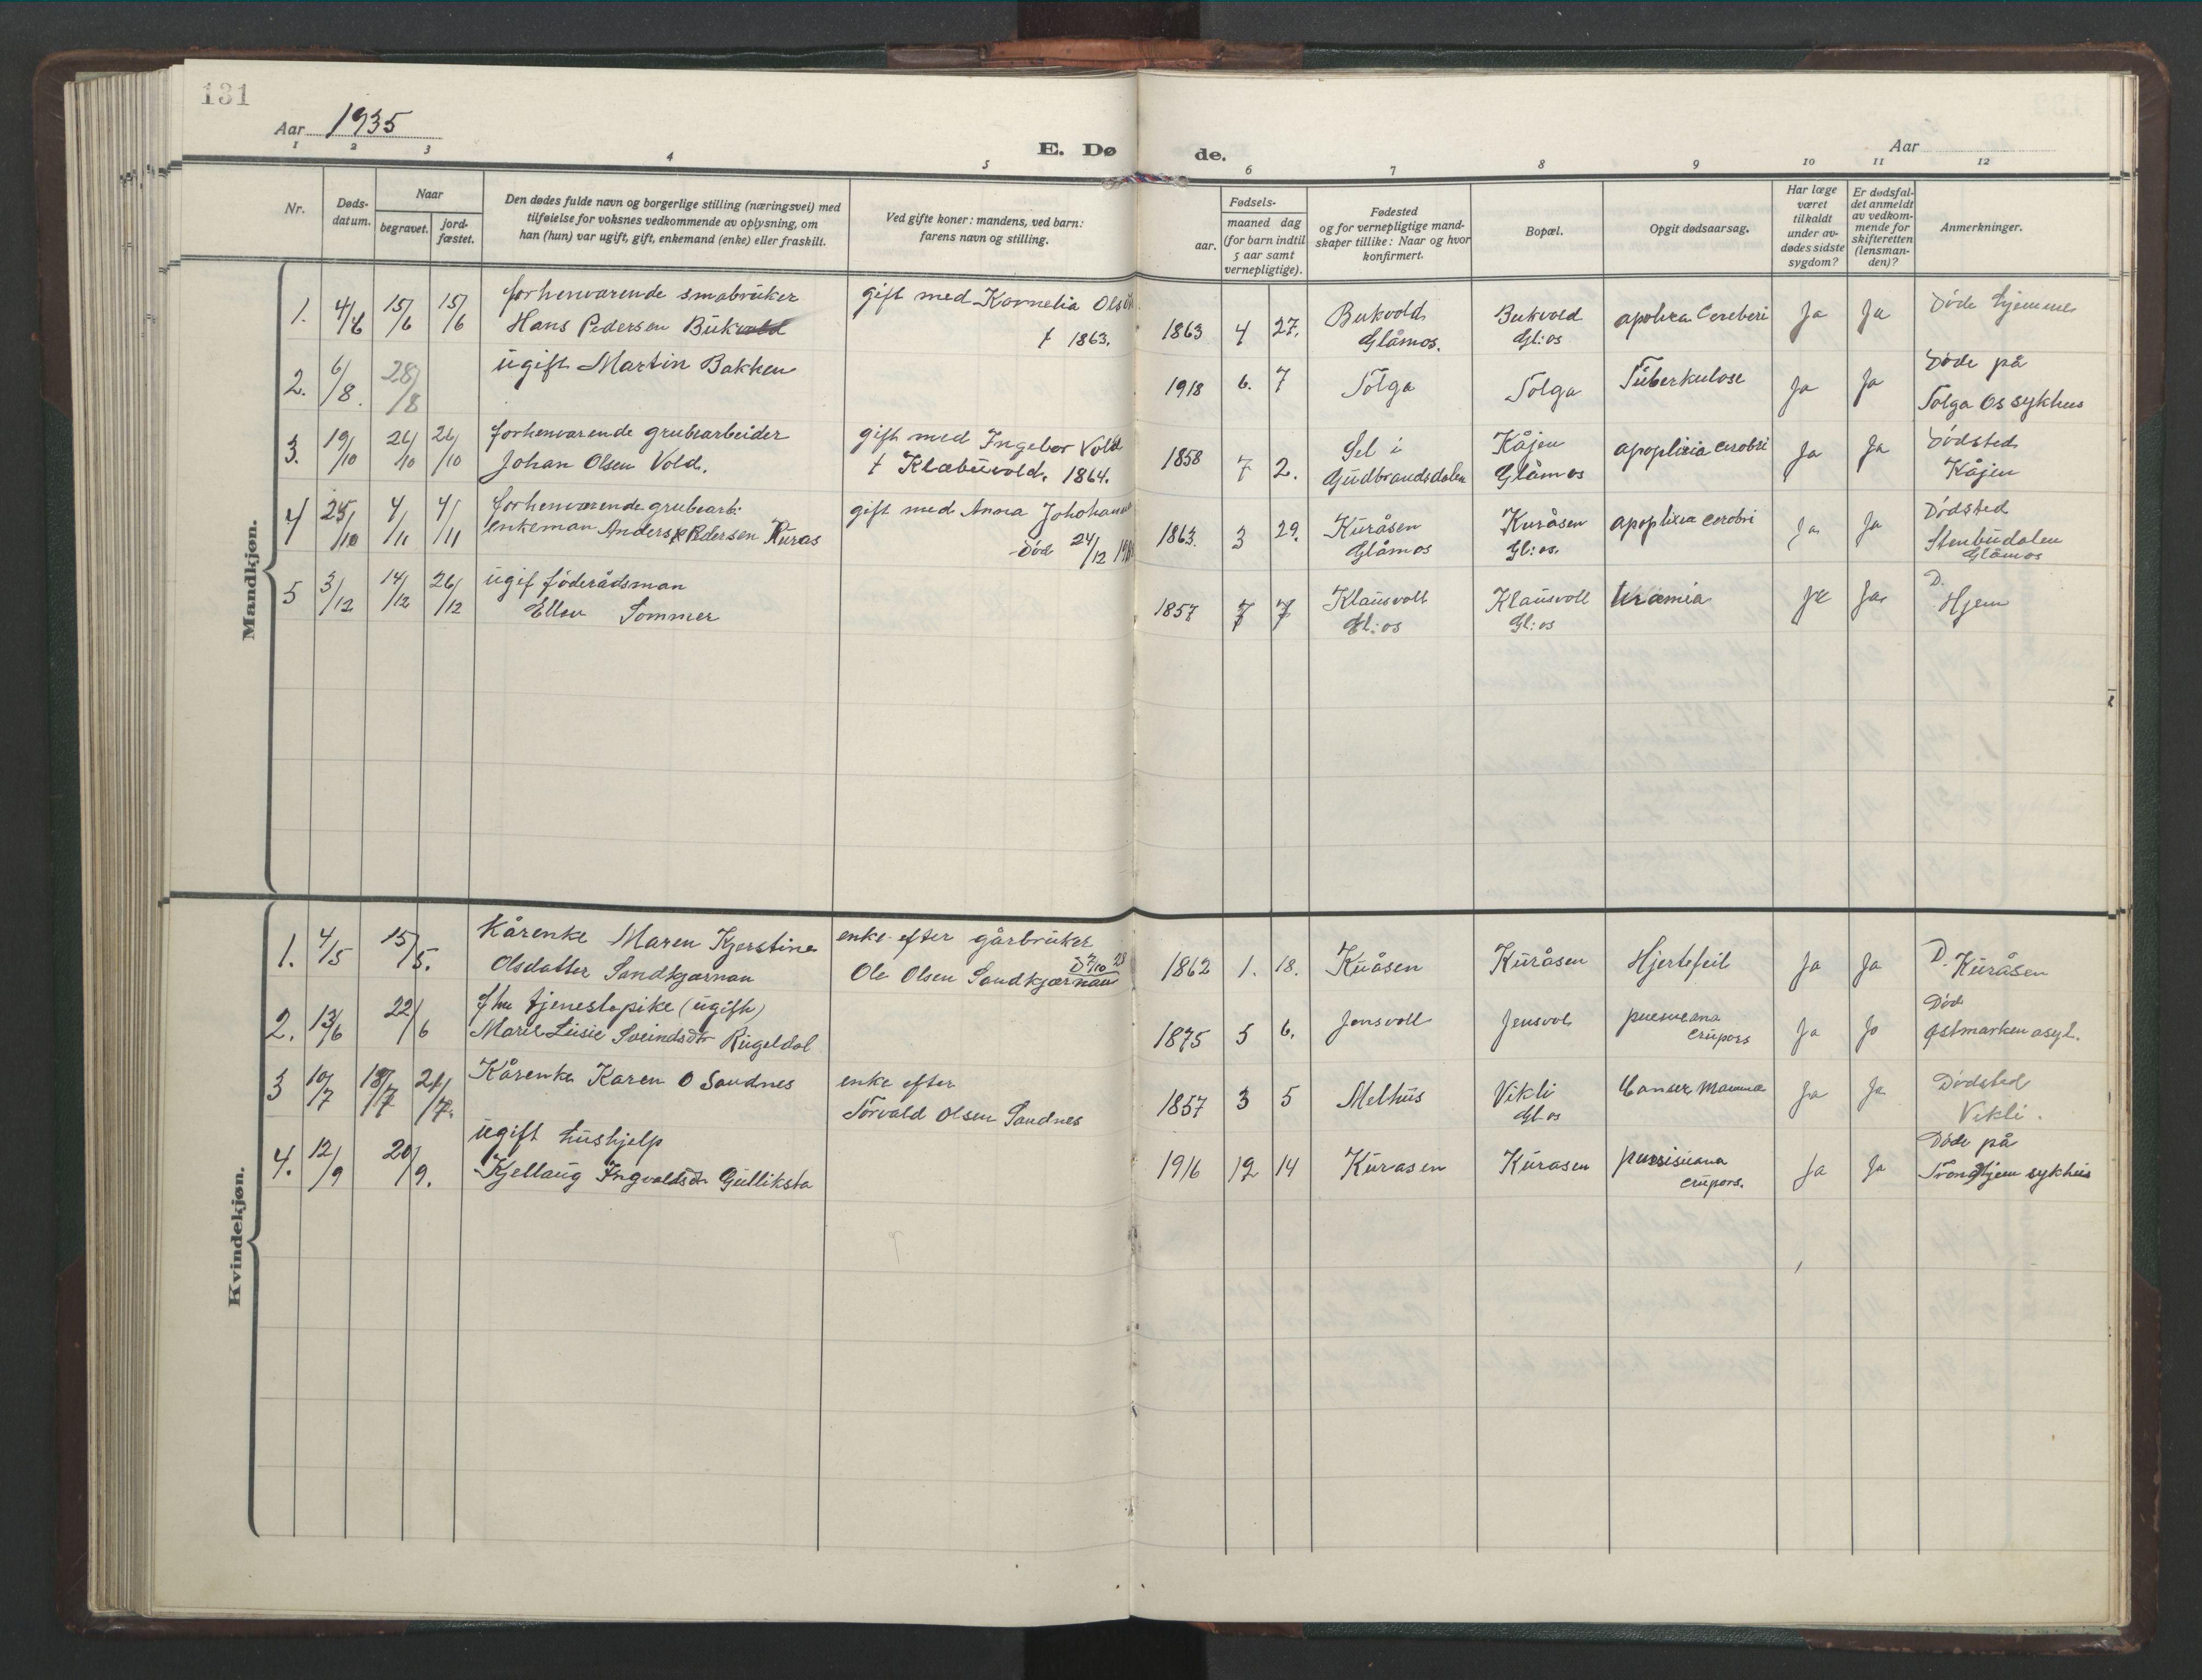 SAT, Ministerialprotokoller, klokkerbøker og fødselsregistre - Sør-Trøndelag, 682/L0947: Klokkerbok nr. 682C01, 1926-1968, s. 131